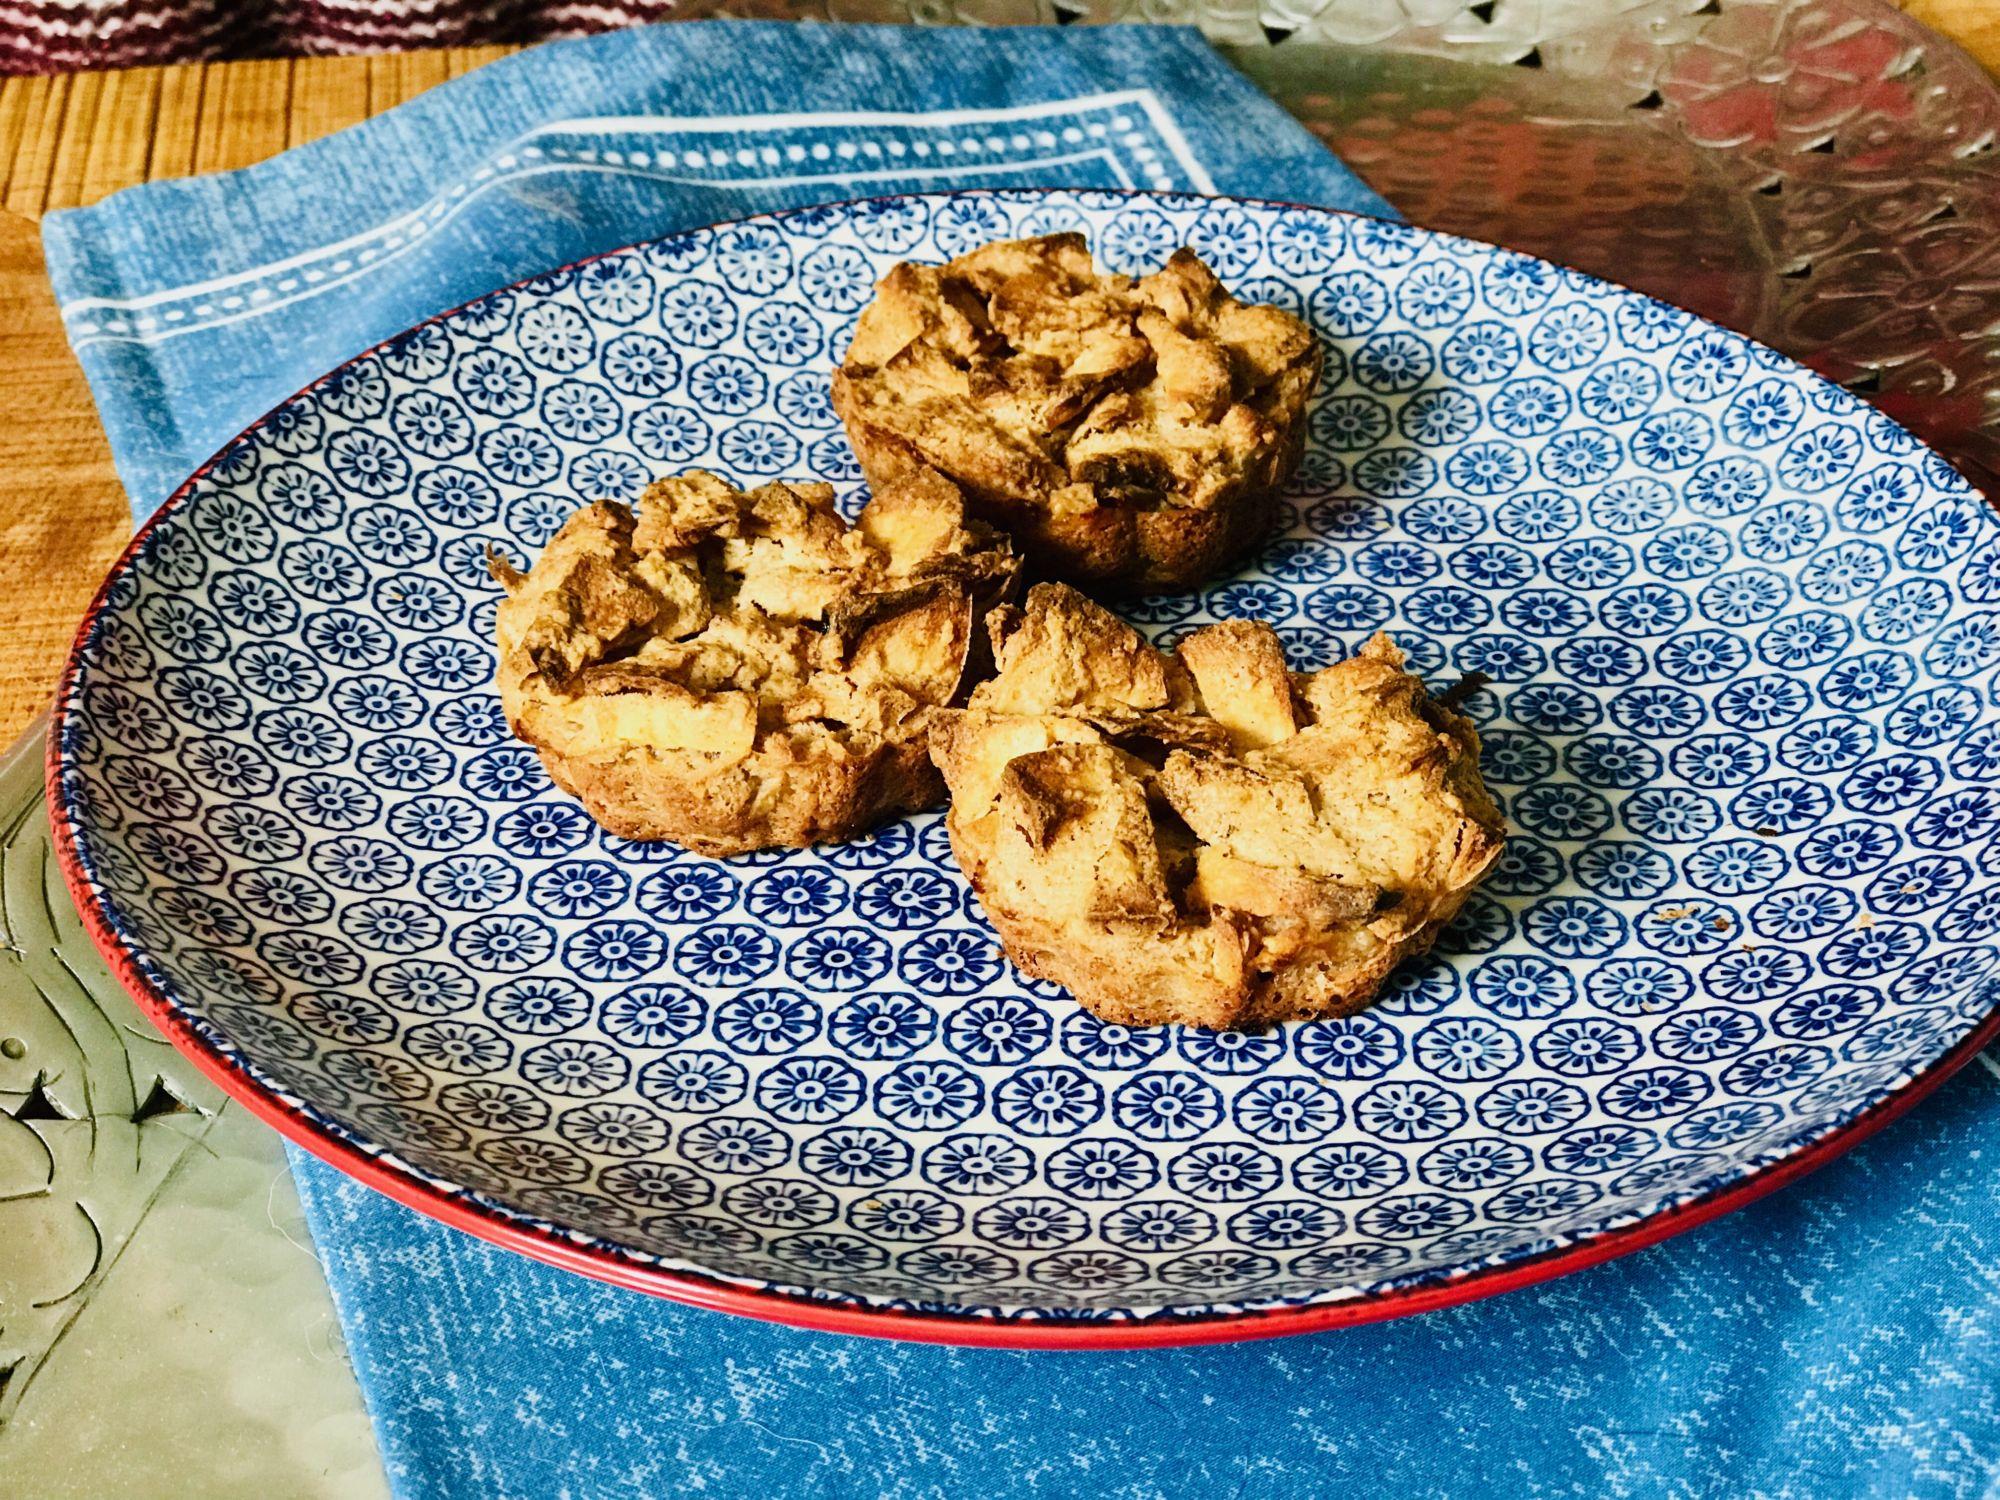 Muffiny zovesné mouky amléka podle Metabolic Balance